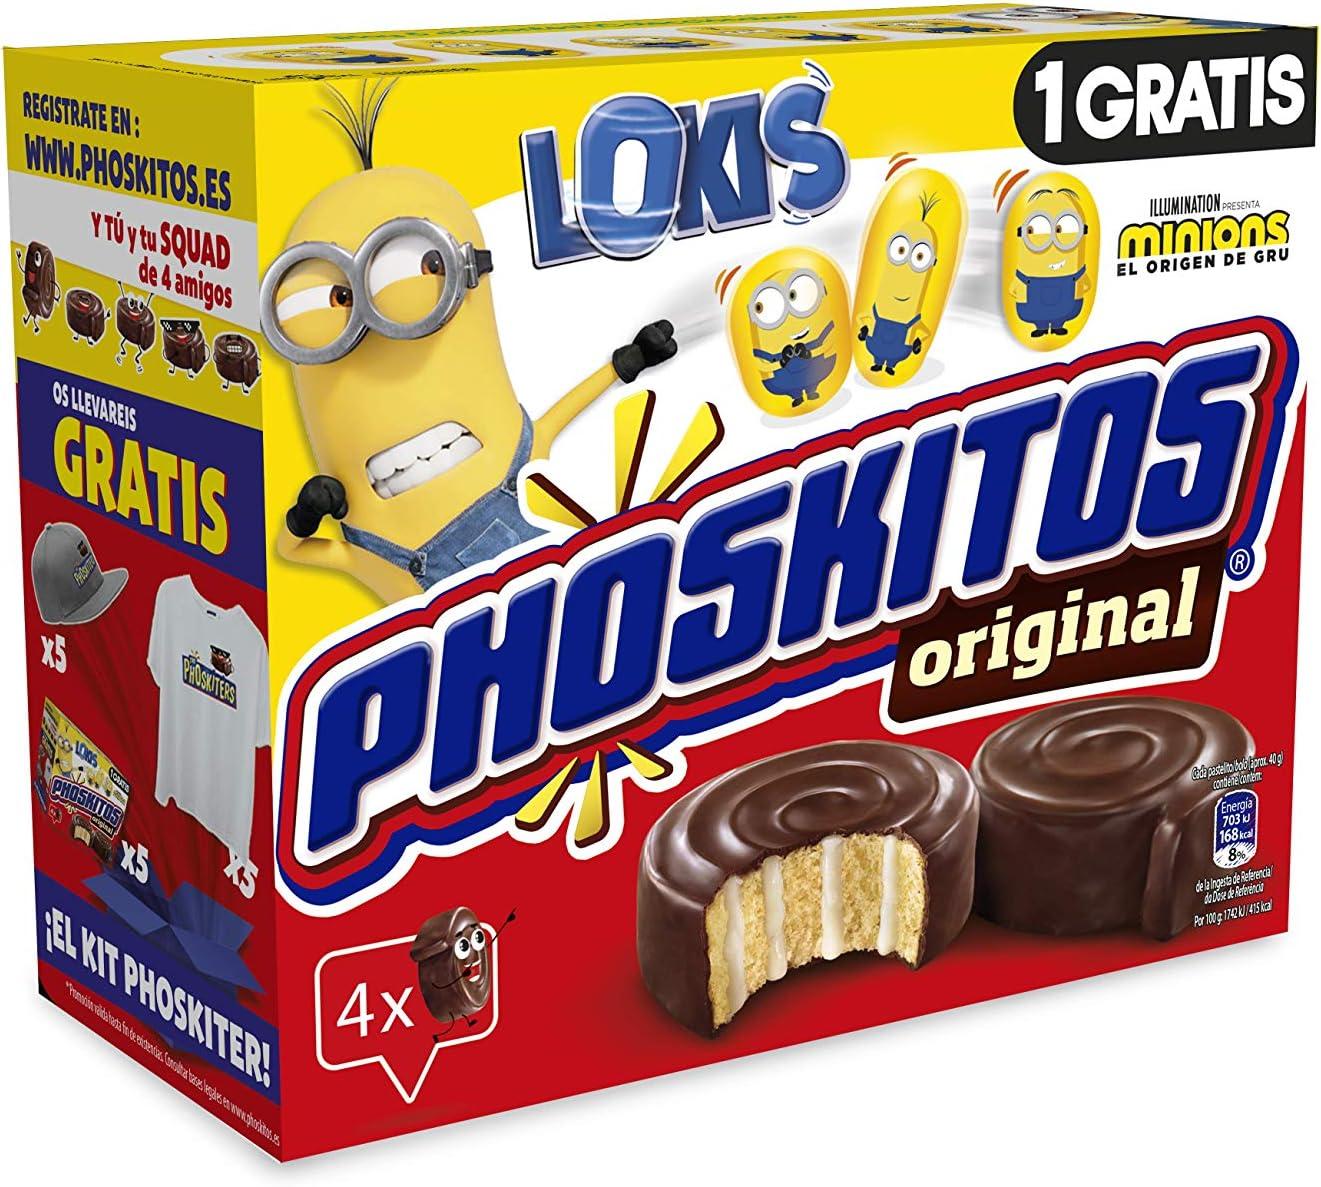 Phoskitos Miniphoskitos - Producto de pastelería - Pack de 4 unidades x 40 g